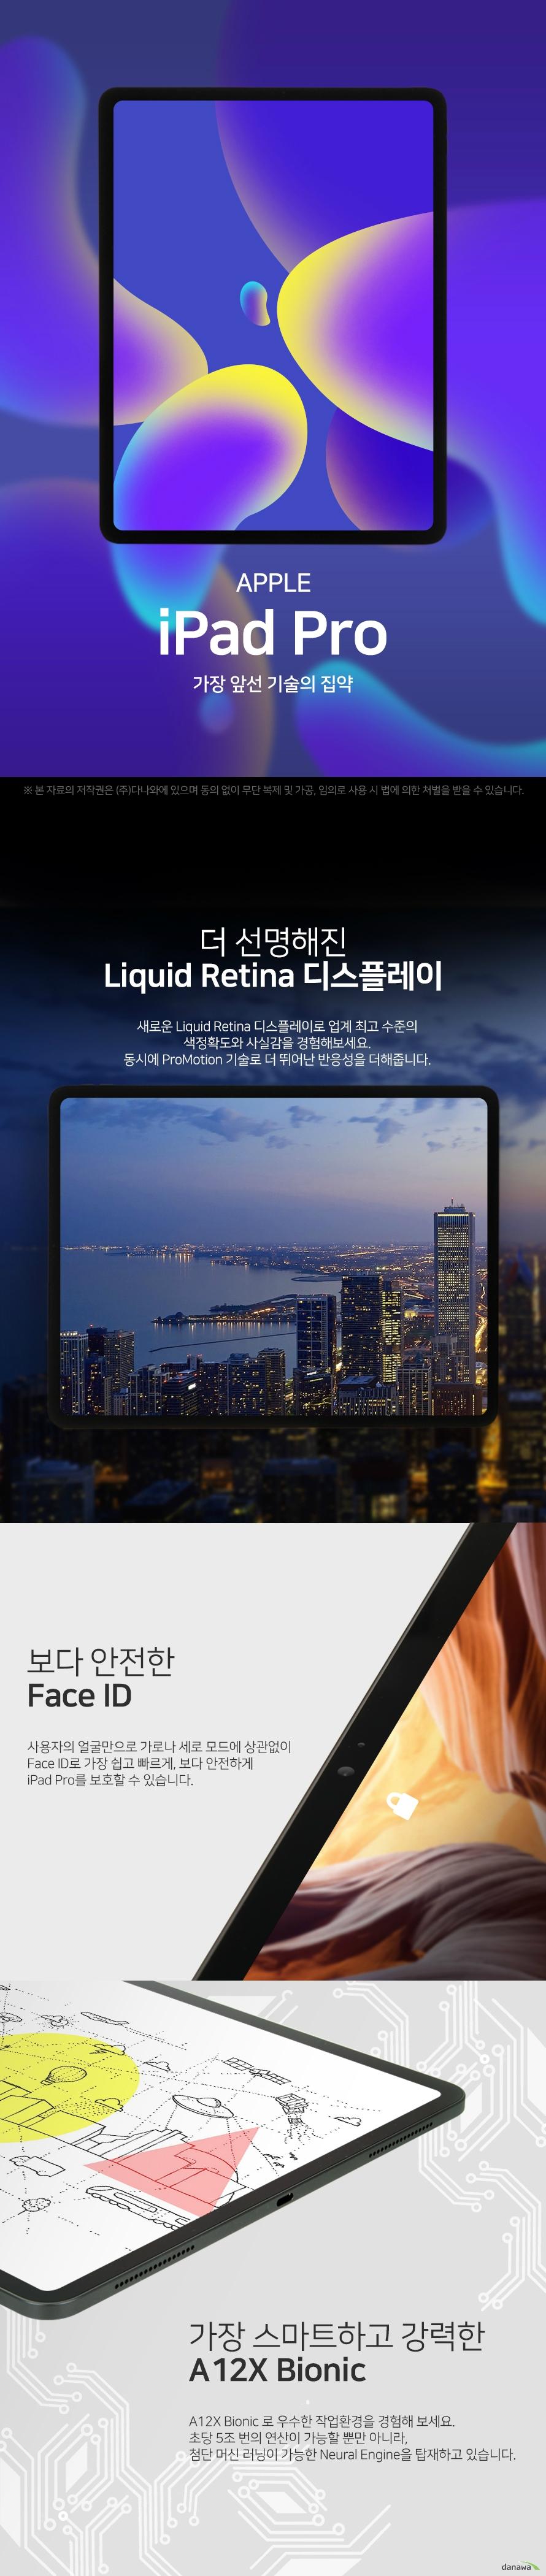 APPLE iPad Pro 가장 앞선 기술의 집약 더 선명해진 Liquid Retina 디스플레이 새로운 Liquid Retina 디스플레이로 업계 최고 수준의 색 정확도와 사실감을 경험해보세요 동시에 ProMotion 기술로 더 뛰어난 반응성을 더해줍니다 보다 안전한 Face ID 사용자의 얼굴만으로 가로나 세로 모드에 상관없이 Face ID로 가장 쉽고 빠르게 보다 안전하게 iPad Pro를 보호할 수 있습니다 가장 스마트하고 강력한 A 12X Bionic A 12X Bionic로 우수한 작업 환경을 경험해보세요 초당 5조 번의 연산이 가능할 뿐만 아니라 첨단 머신 러닝이 가능한 Neural Engine을 탑재하고 있습니다 우수한 성능의 카메라 iPad Pro의 놀라운 성능의 카메라는 선명한 사진과 영상을 표현해냅니다 원하는 사진을 최대 4K의 해상도로 마음껏 촬영해보세요 USB Type C로 가능해진 무한한 가능성의 시작 USB Type C는 외부 디스플레이나 카메라 같은 다양한 액세서리를 연결할 수 있습니다 다양한 기기와의 무한한 가능성을 경험해보세요 5점 9mm 초슬림 이제껏 가장 얇은 iPad Pro는 뛰어난 휴대성을 자랑합니다 출장 시에나 이동 시에도 편리하게 휴대하며 작업할 수 있습니다 뛰어난 퍼포먼스를 가장 얇은 두께로 경험해보세요 새로워진 Apple Pencil과 함께 당신의 터치에 반응하는 Apple Pencil로 멈추지 않고 더욱 효율적으로 작업해보세요 부착하기만 하면 페어링도 되고 충전도 가능합니다 Specification 화면 정보 화면 크기 32점 76cm 12점 9인치 디스플레이 IPS LCD 해상도 2732x2048 ppi 264ppi 시스템 정보 CPU 제조사 애플 CPU 명 A12X 코어 수 옥타 8 코어 RAM 용량 4GB 저장 용량 내장 512GB 저장 매체 SSD 추가 메모리 슬롯 micro SD 미지원 네트워크 규격 태블릿 통신 LTE Wi Fi Wi Fi 주파수 802점 11 a b g n ac 블루투스 버전 블루투스 v5 점 0 카메라 성능 후면 카메라 1200만 화소 전면 카메라 700만 화소 카메라 플래시 LED 플래쉬 지원 4K 촬영 가능 센서 자이로 센서 가속도 센서 나침반 센서 근접 센서 단자 배터리 USB 충전 단자 USB 타입 C USB 풀사이즈 미지원 HDMI 미지원 MHL 미지원 전용 터치펜 별매 전용 키보드 별매 배터리 용량 36점 71Wh 제품의 외관 사양 등은 제품 개선을 위해 사전 예고 없이 변경될 수 있습니다